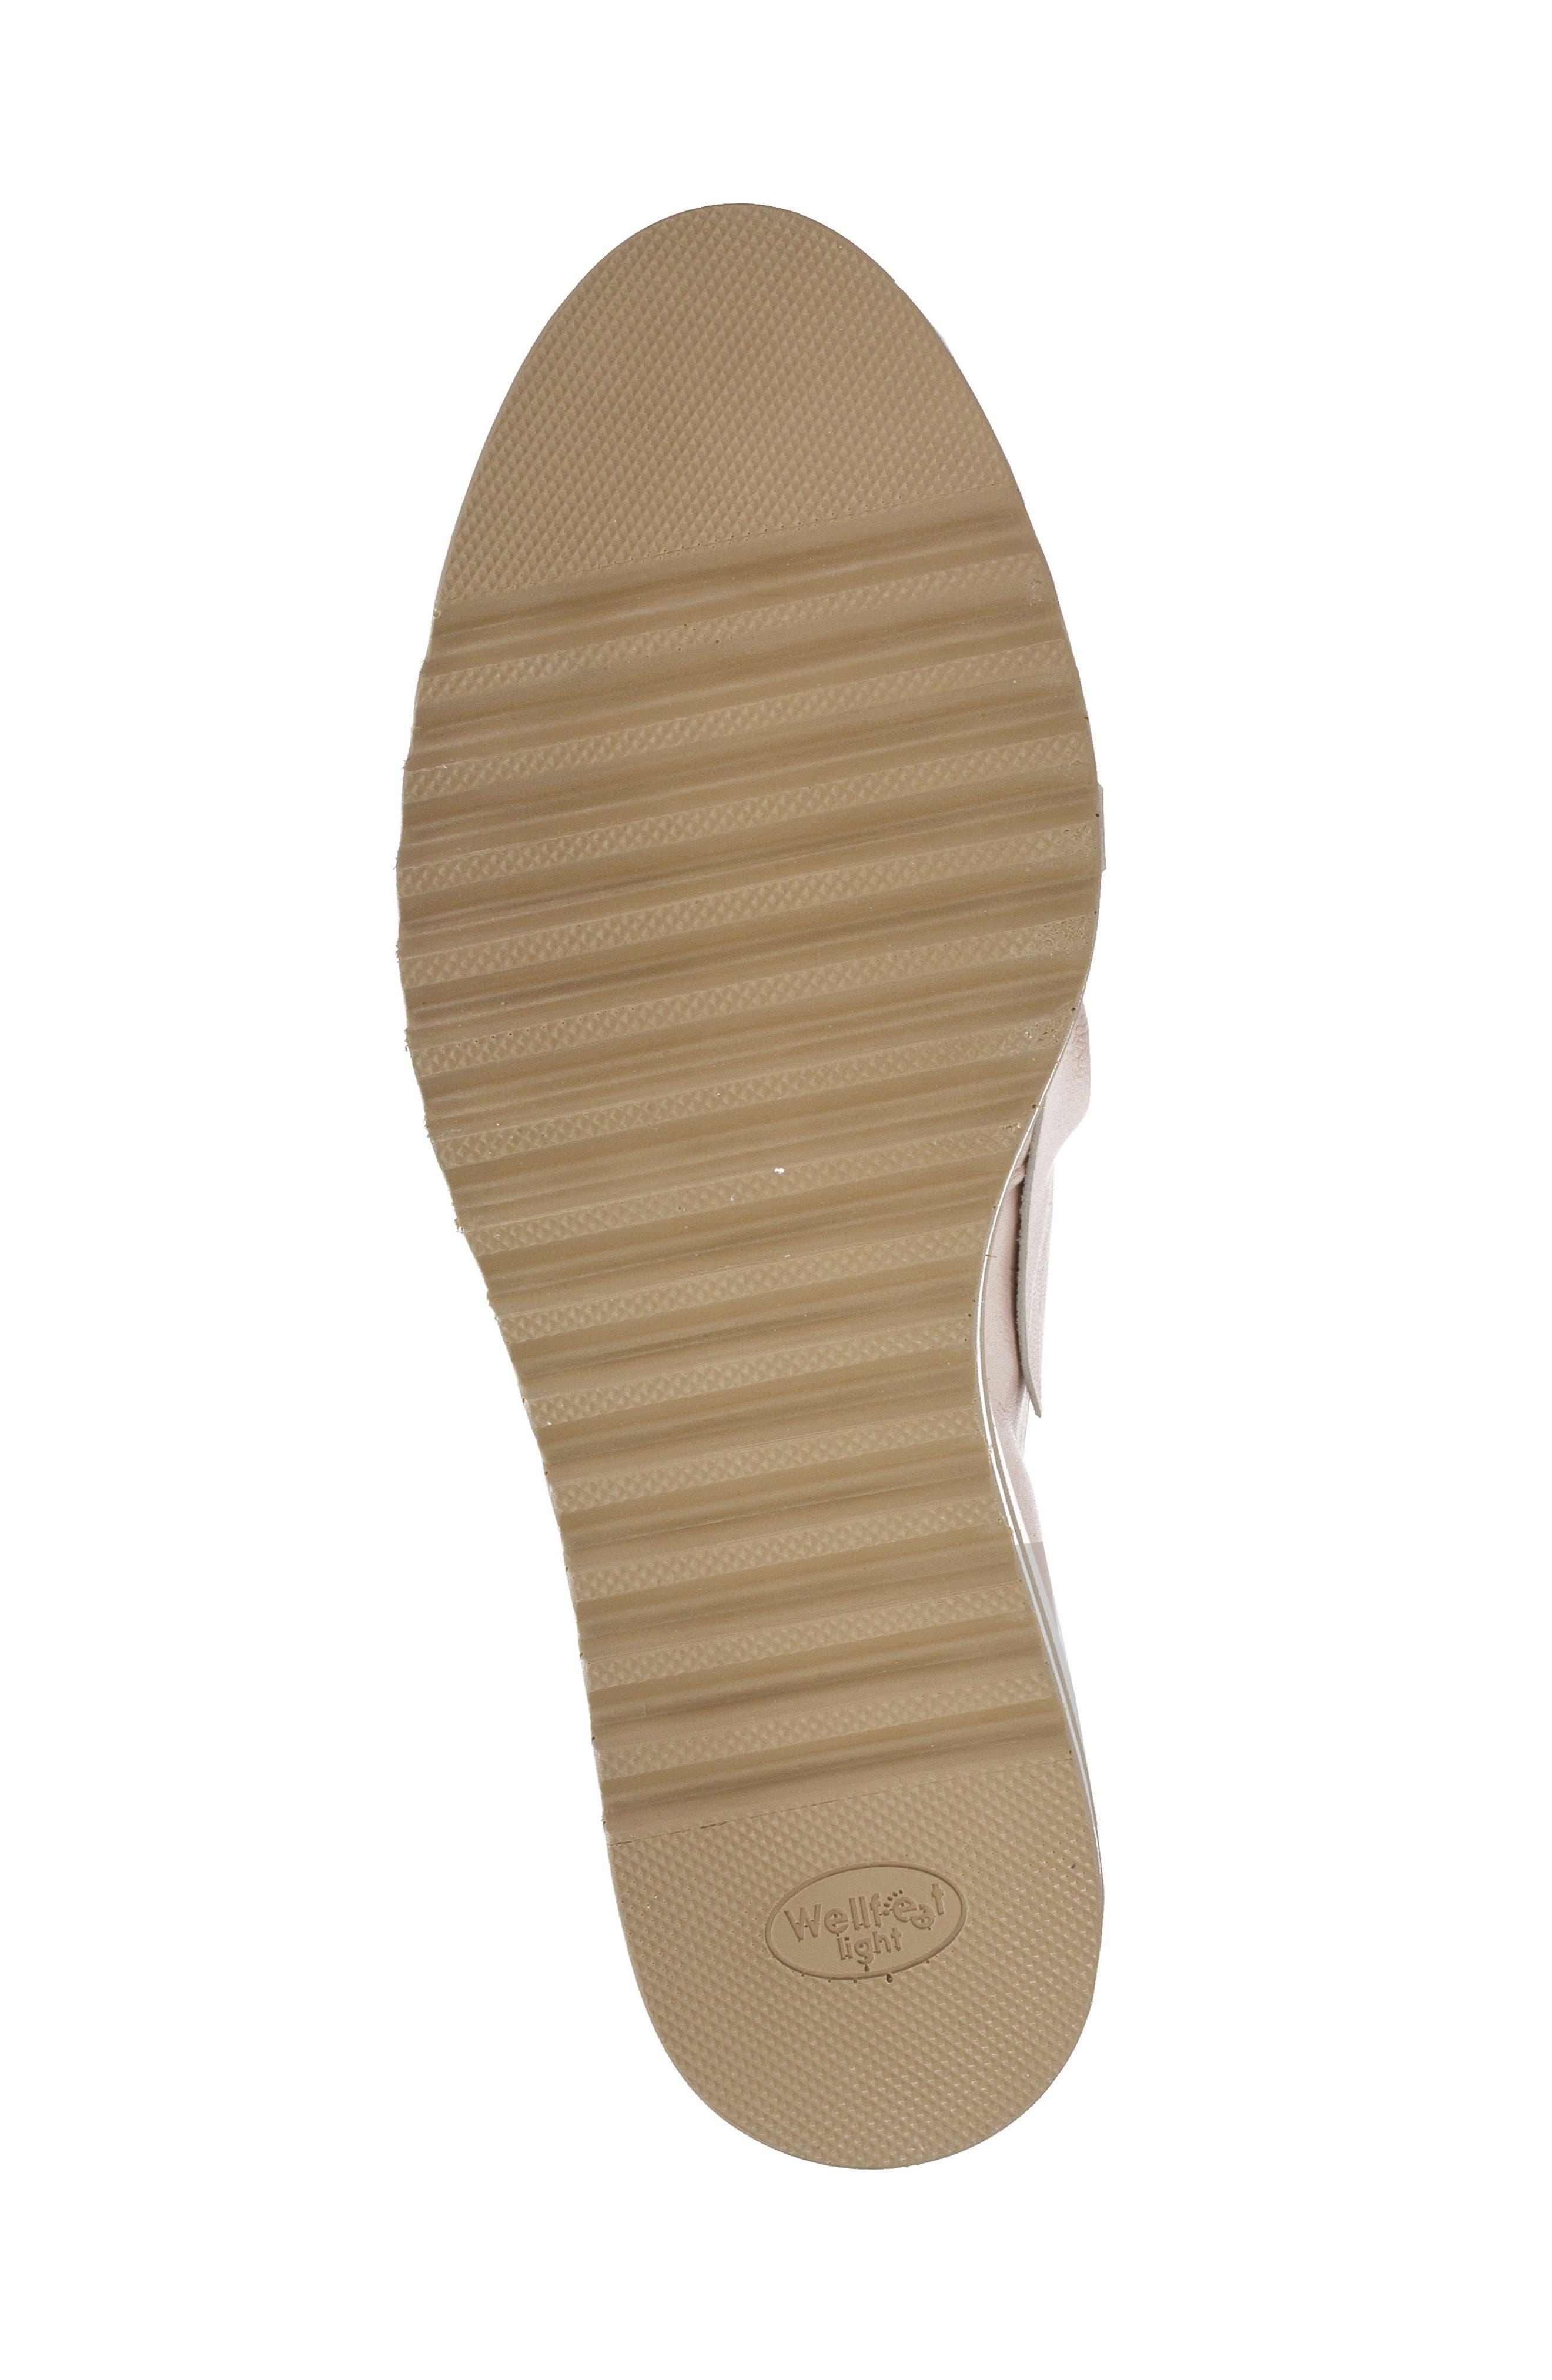 Bella Platform Loafer,                             Alternate thumbnail 6, color,                             Pink Leather